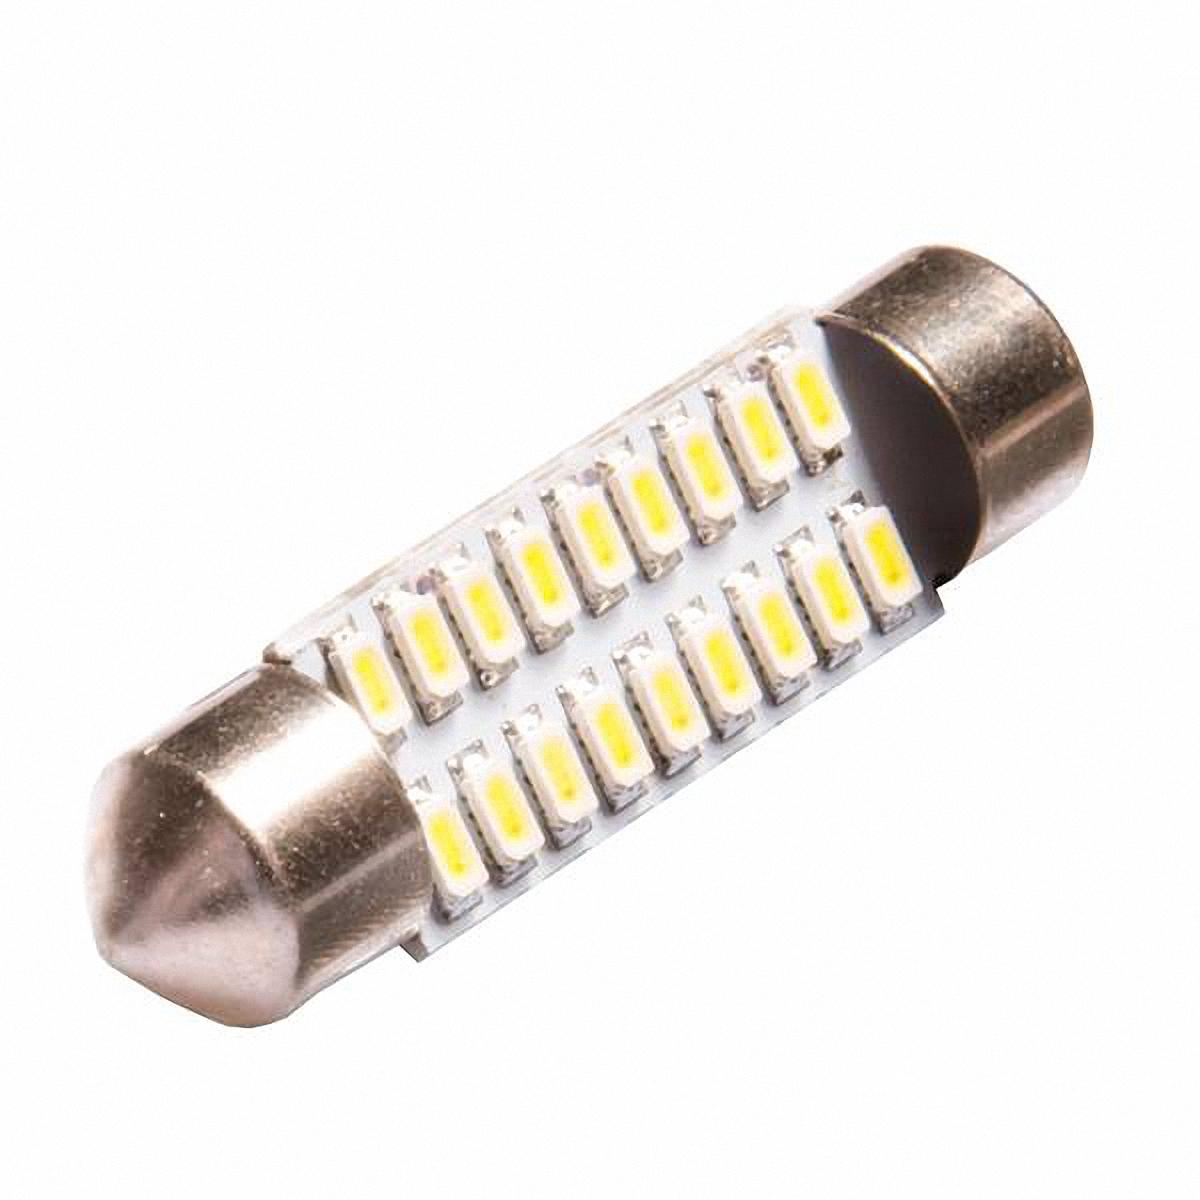 Автолампа диодная Skyway, T11 (C5W). SJ-18SMD-3014-39MMSJ-18SMD-3014-39MMАвтолампа диодная Skyway - это наиболее практичный выбор для автомобиля. Диодные лампы служат в 100 раз дольше обычных ламп, при этом не бояться перепадов температур (-60 до +60 °C), устойчивы к ударам и вибрациям. Лампы обладают одной особенностью: когда перегорает один светодиод, остальные продолжают свою работу. По своим размерам они достаточно компактны и имеют разные цветовые вариации, а благодаря низкому потреблению энергии, светодиодные лампы снижают нагрузку на генератор и аккумулятор автомобиля.18 SMD диодов. С цоколем. 1-контактная. Цвет: белый.